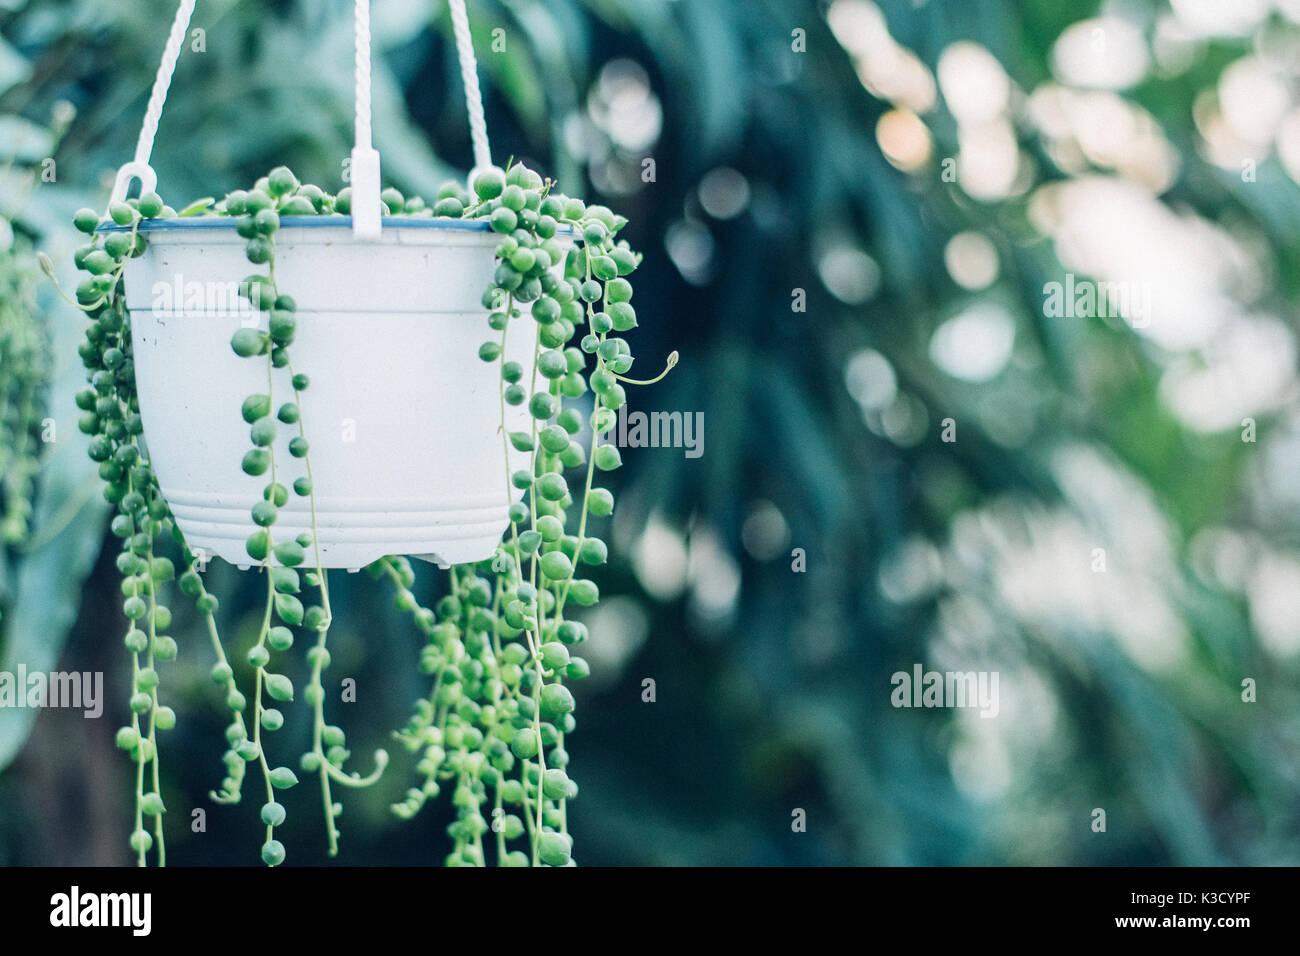 Filo di Perle di piante succulente appesi in una serra, che simboleggiano la calma e la serenità Immagini Stock